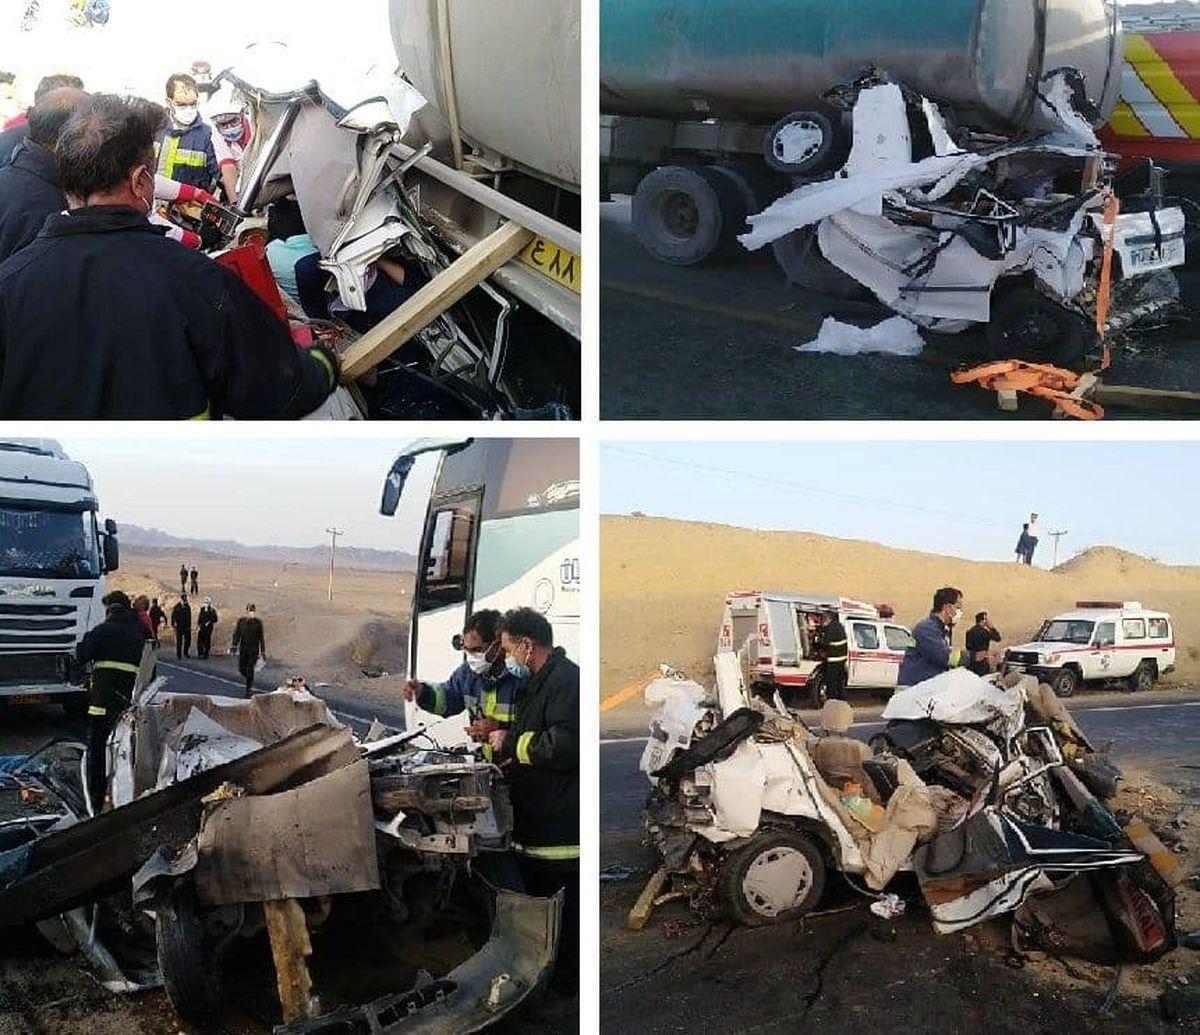 تصاویر وحشتناک از حادثه تصادف پراید با دو تریلی